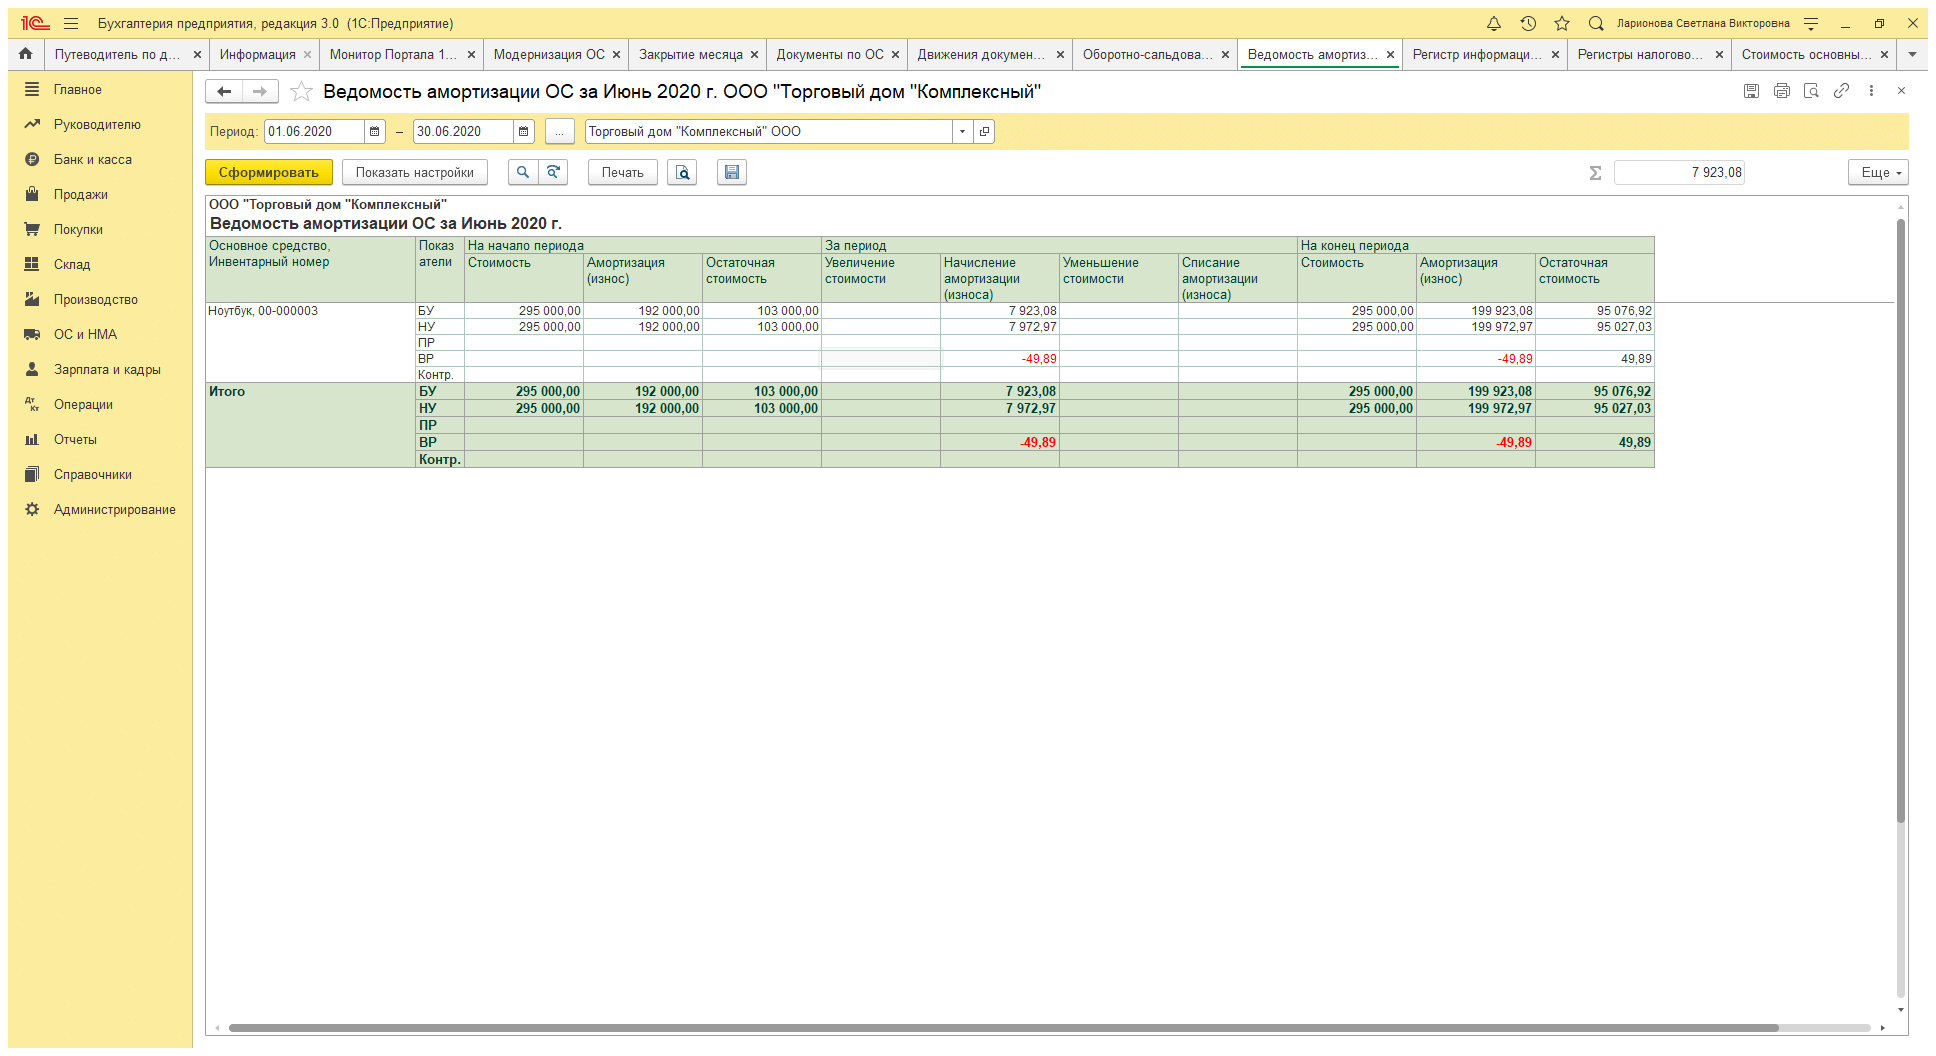 Расчет суммы амортизации ОС после модернизации